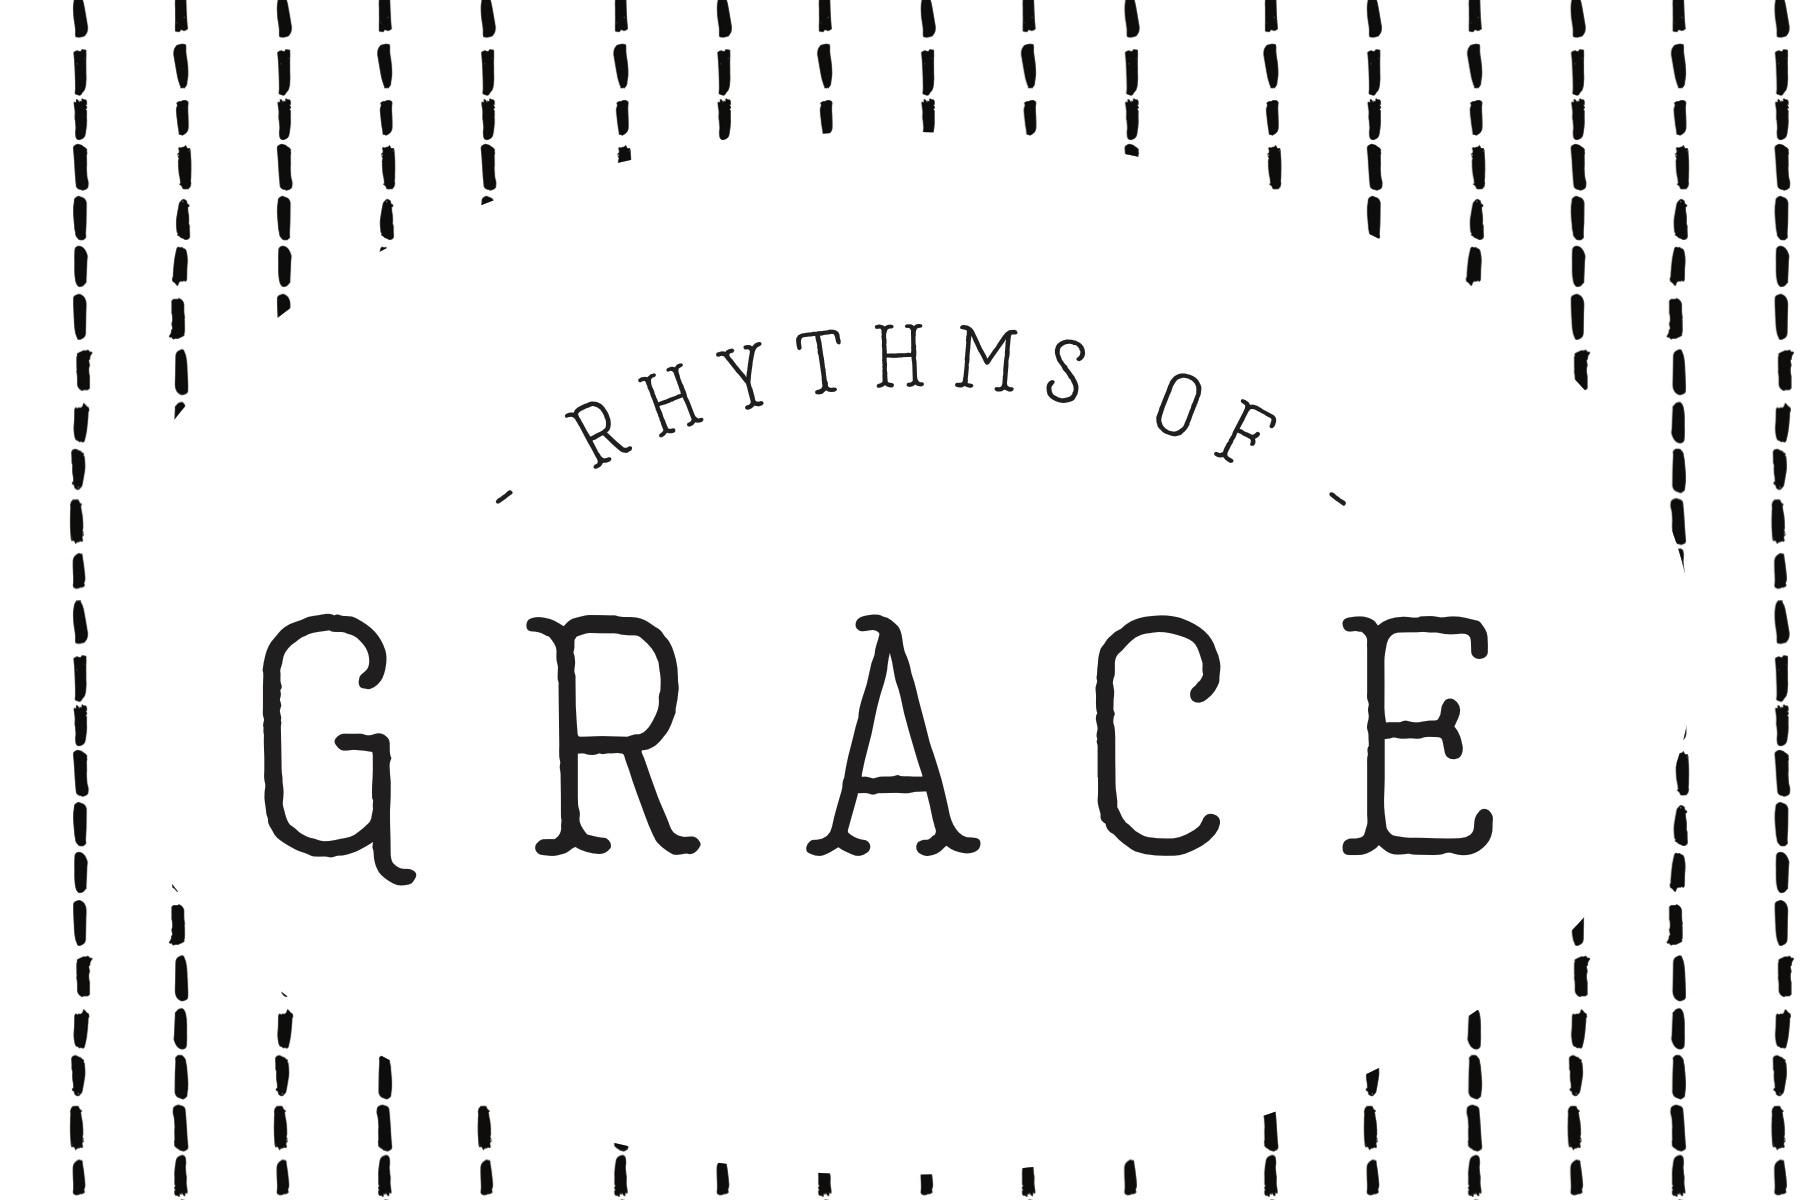 Rhythms_of_grace_main_image.jpg